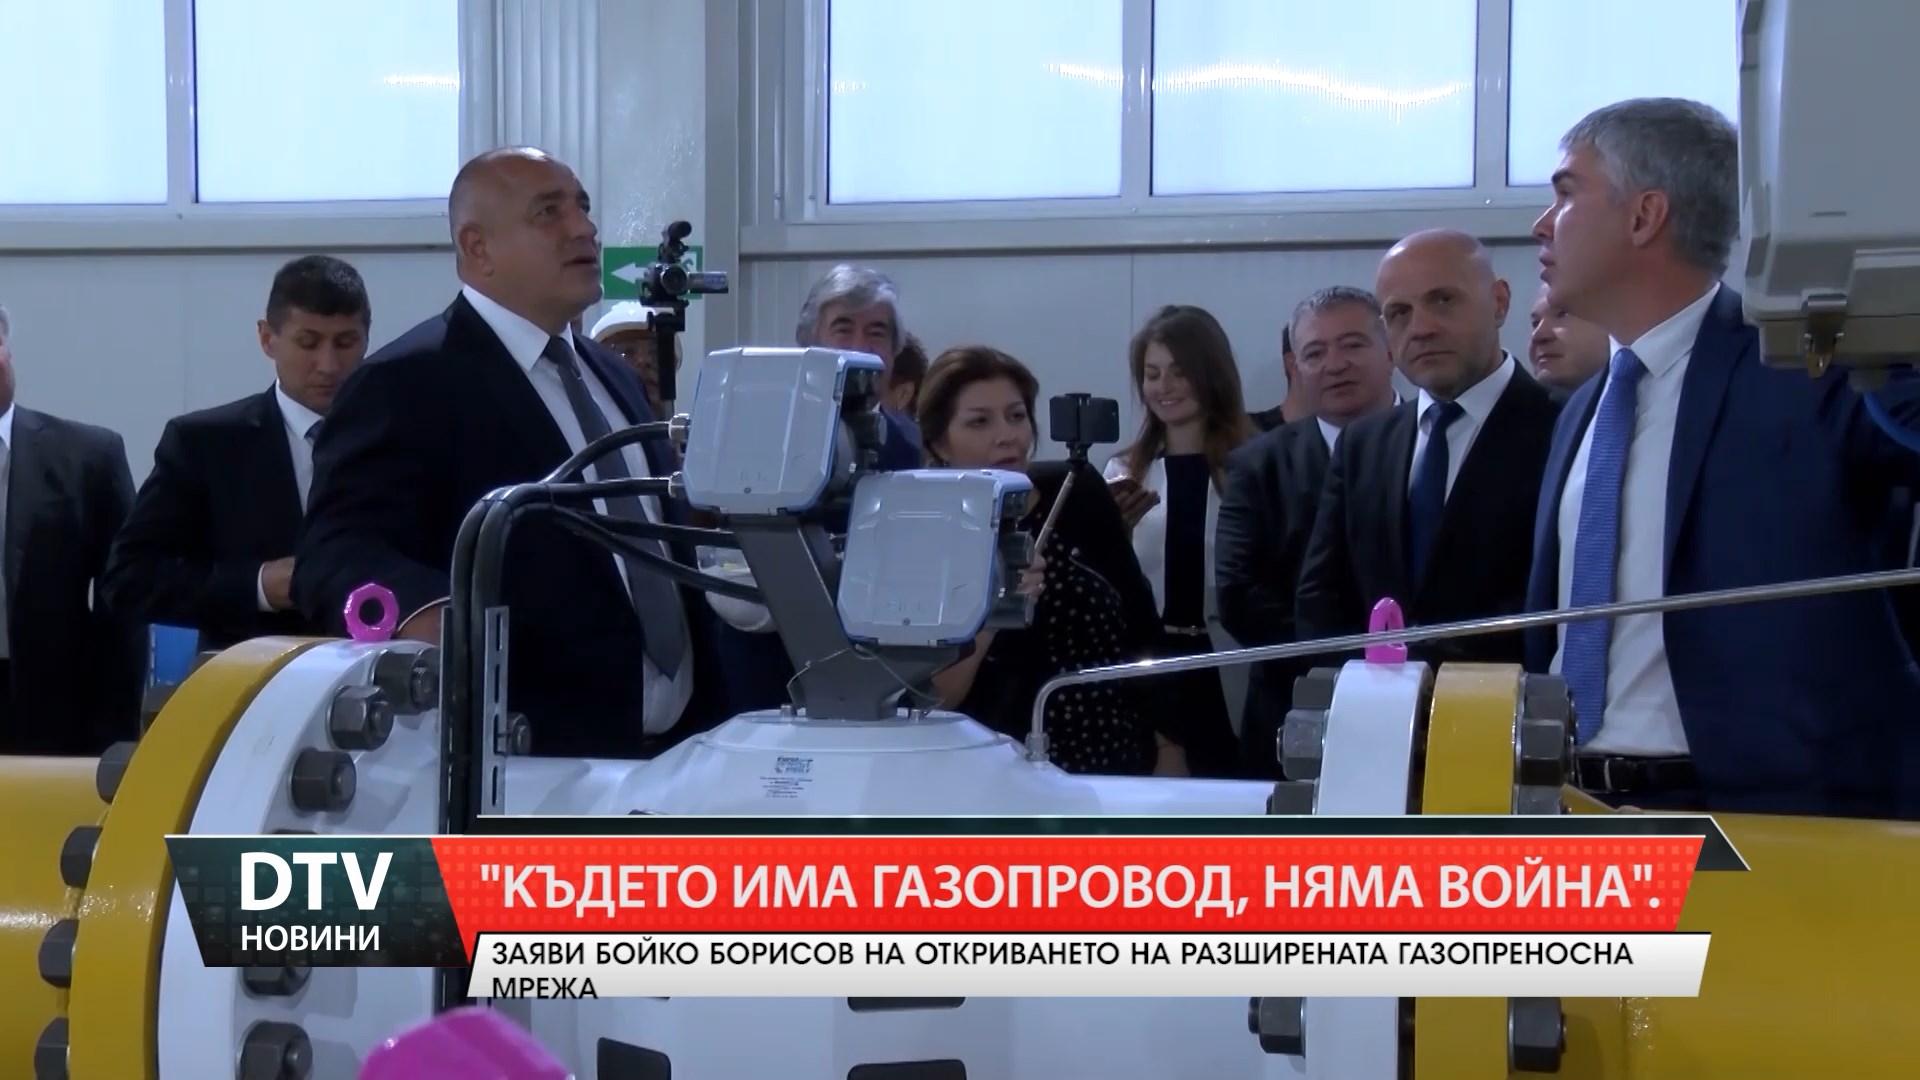 """Където има газопроводи, няма война""""- заяви Бойко Борисов на откриването на разширената газопреносна мрежа"""